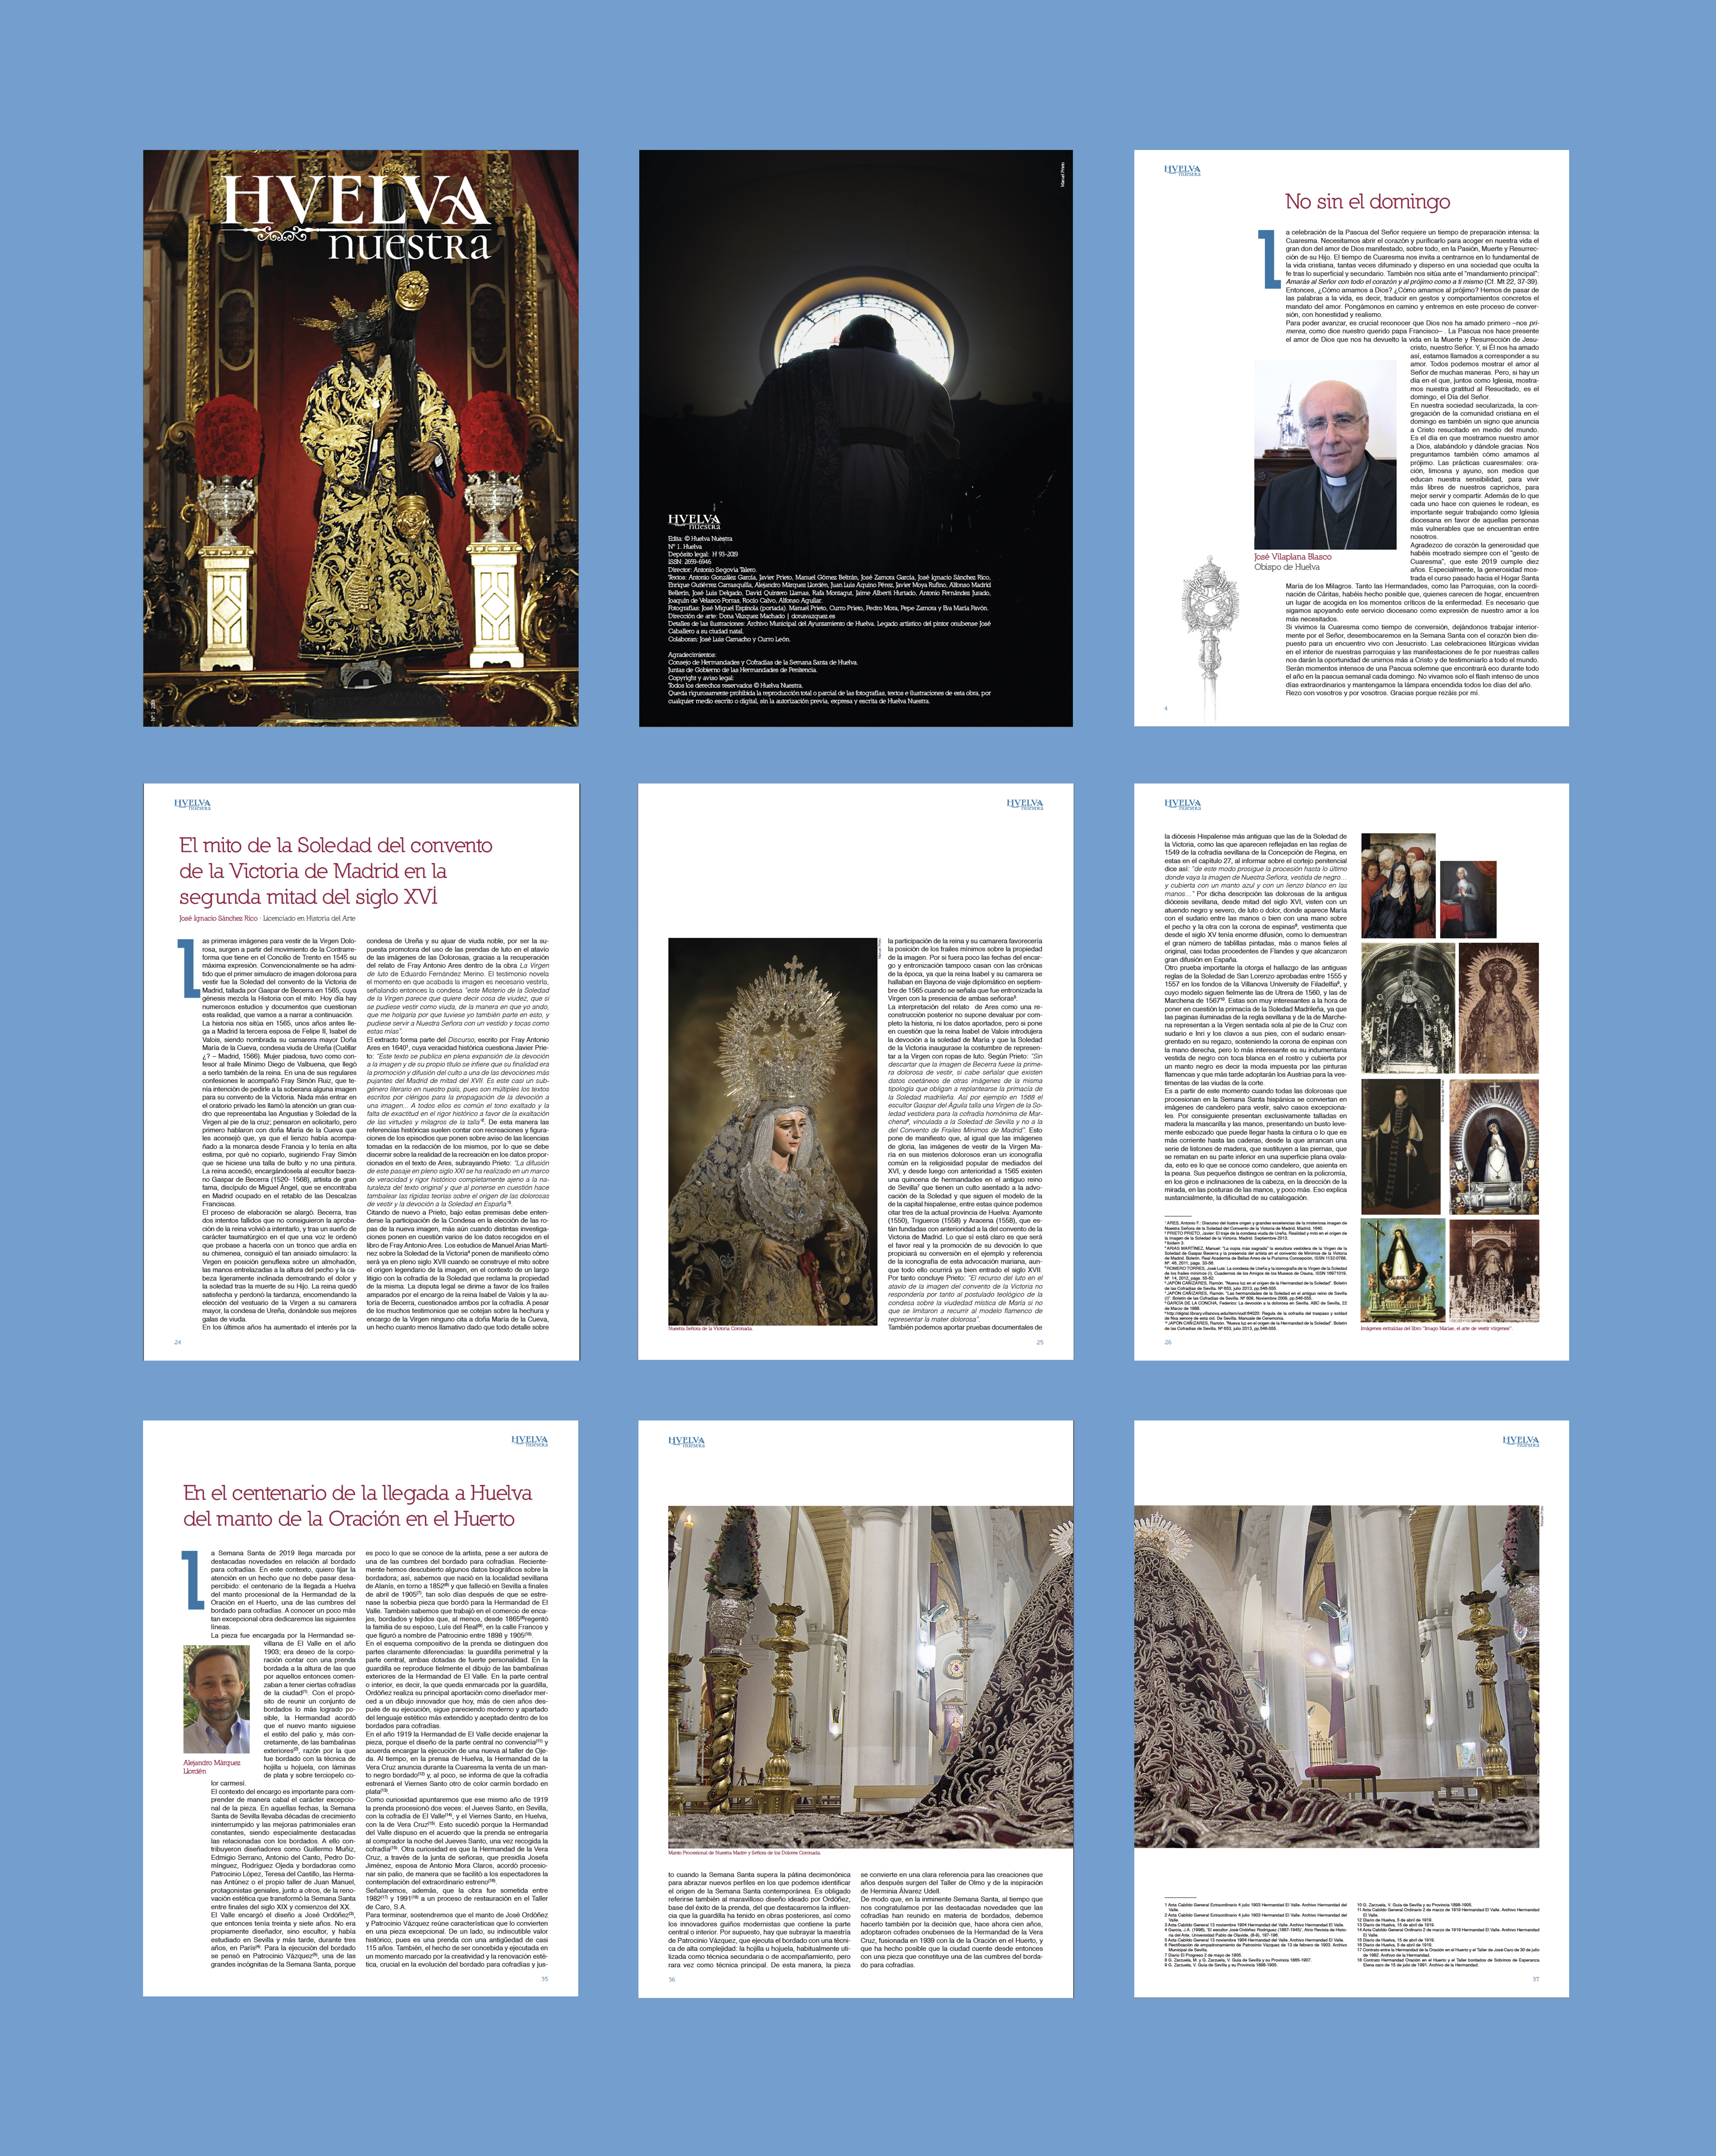 Diseño y maquetación de la primera revista de Semana Santa: Huelva Nuestra 2019.